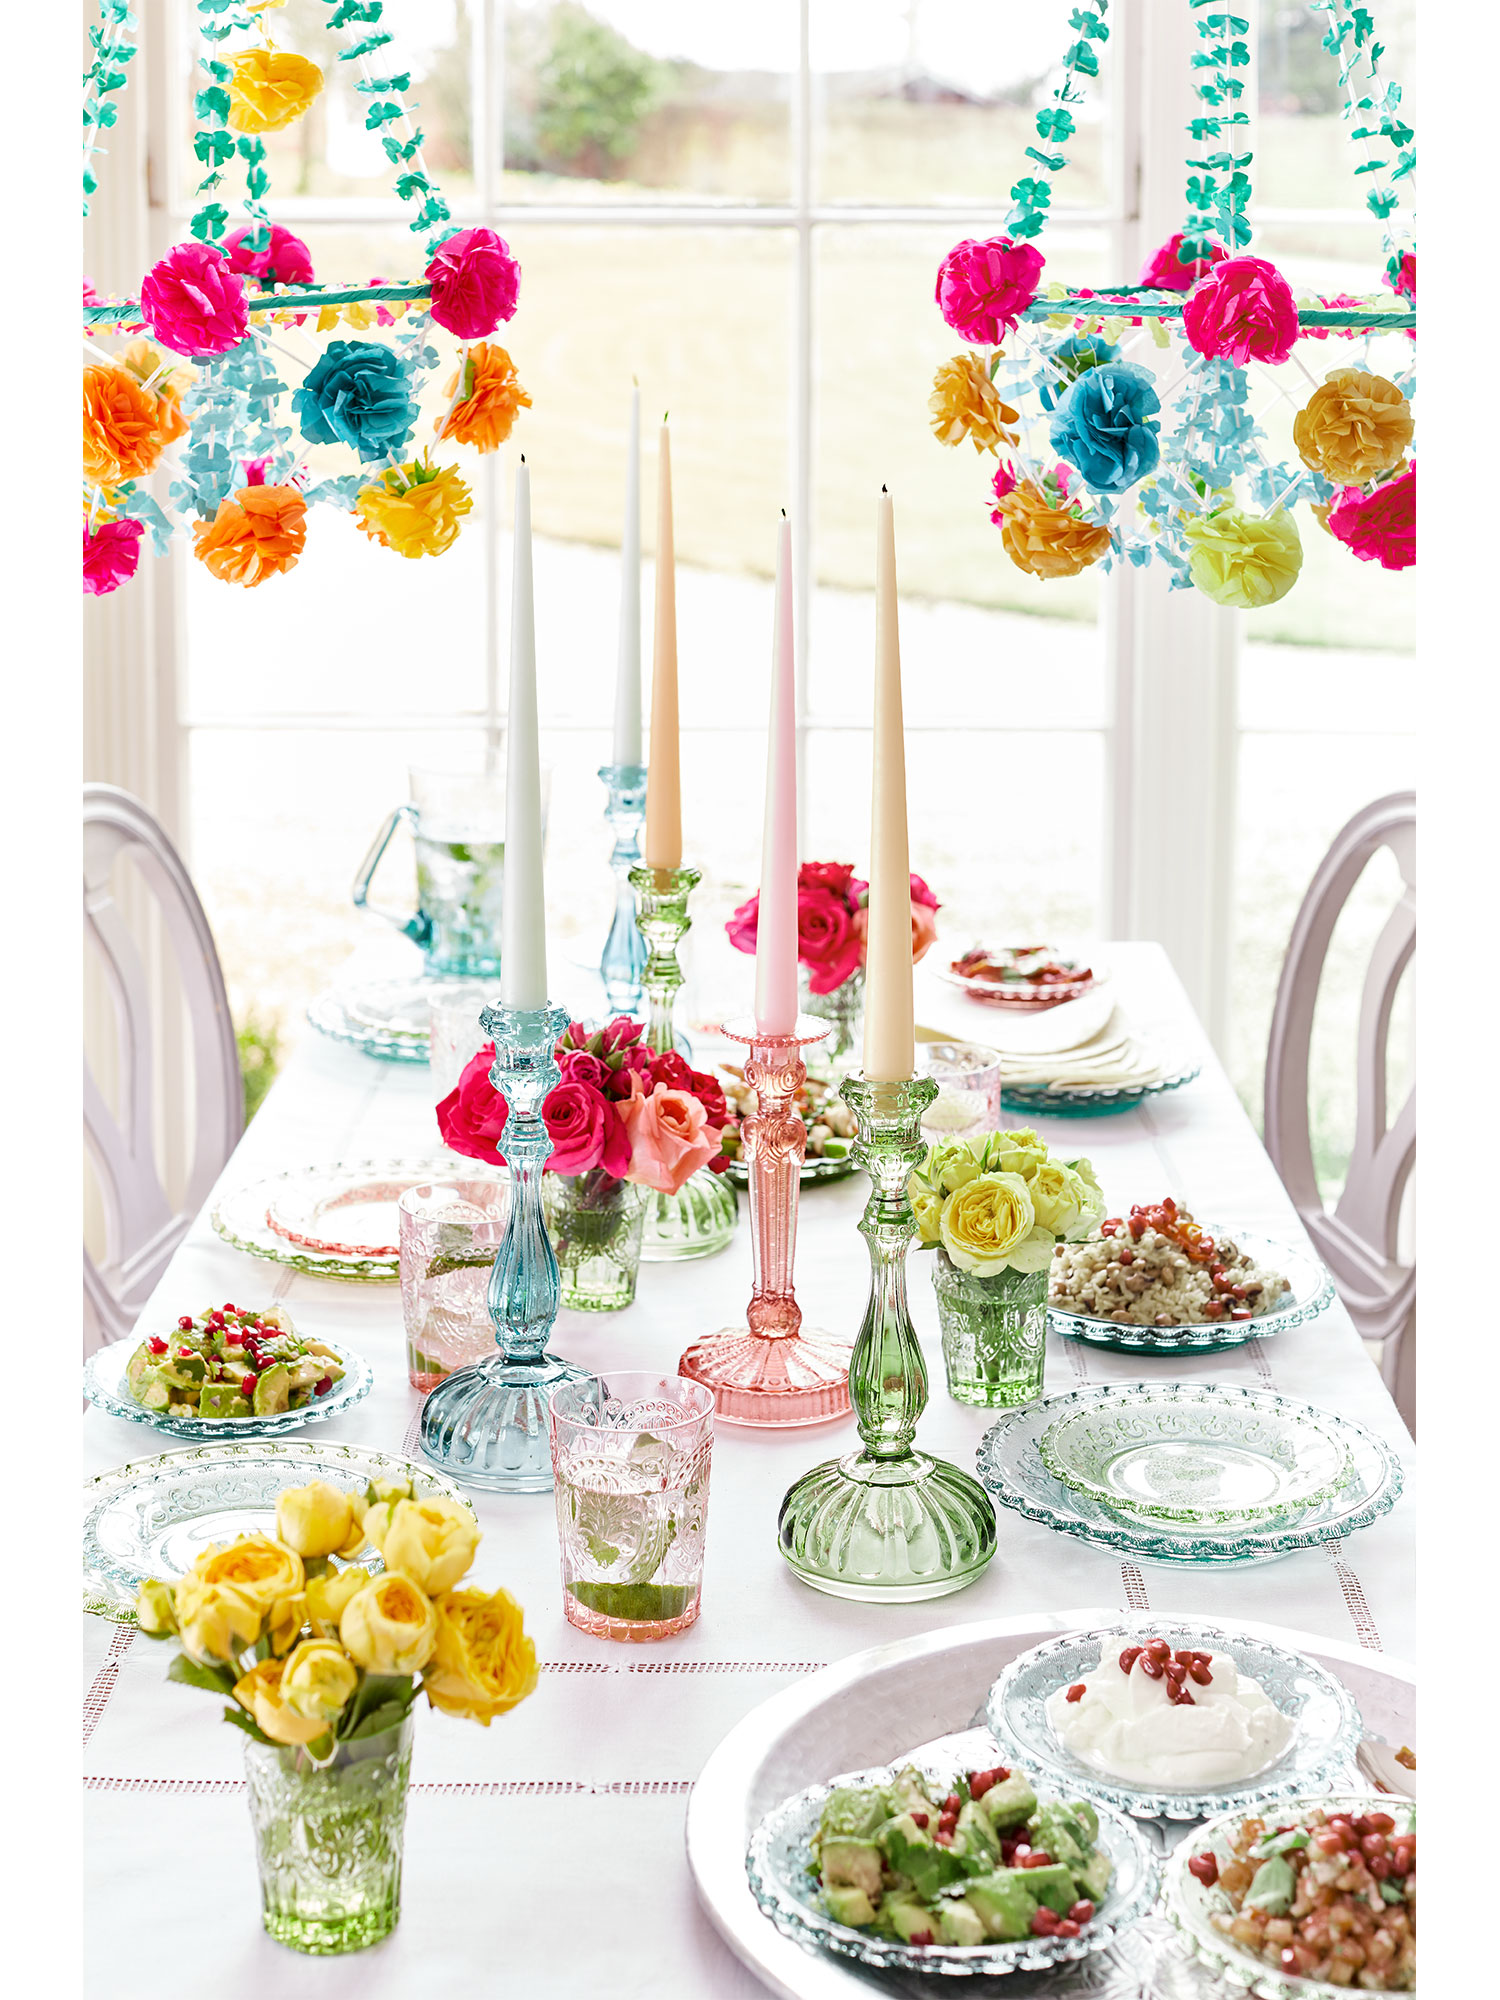 Coloured Glass Plates - Set of Six  sc 1 st  Sophie Conran & Coloured Glass Plates - Set of Six | Sophie Conran Shop